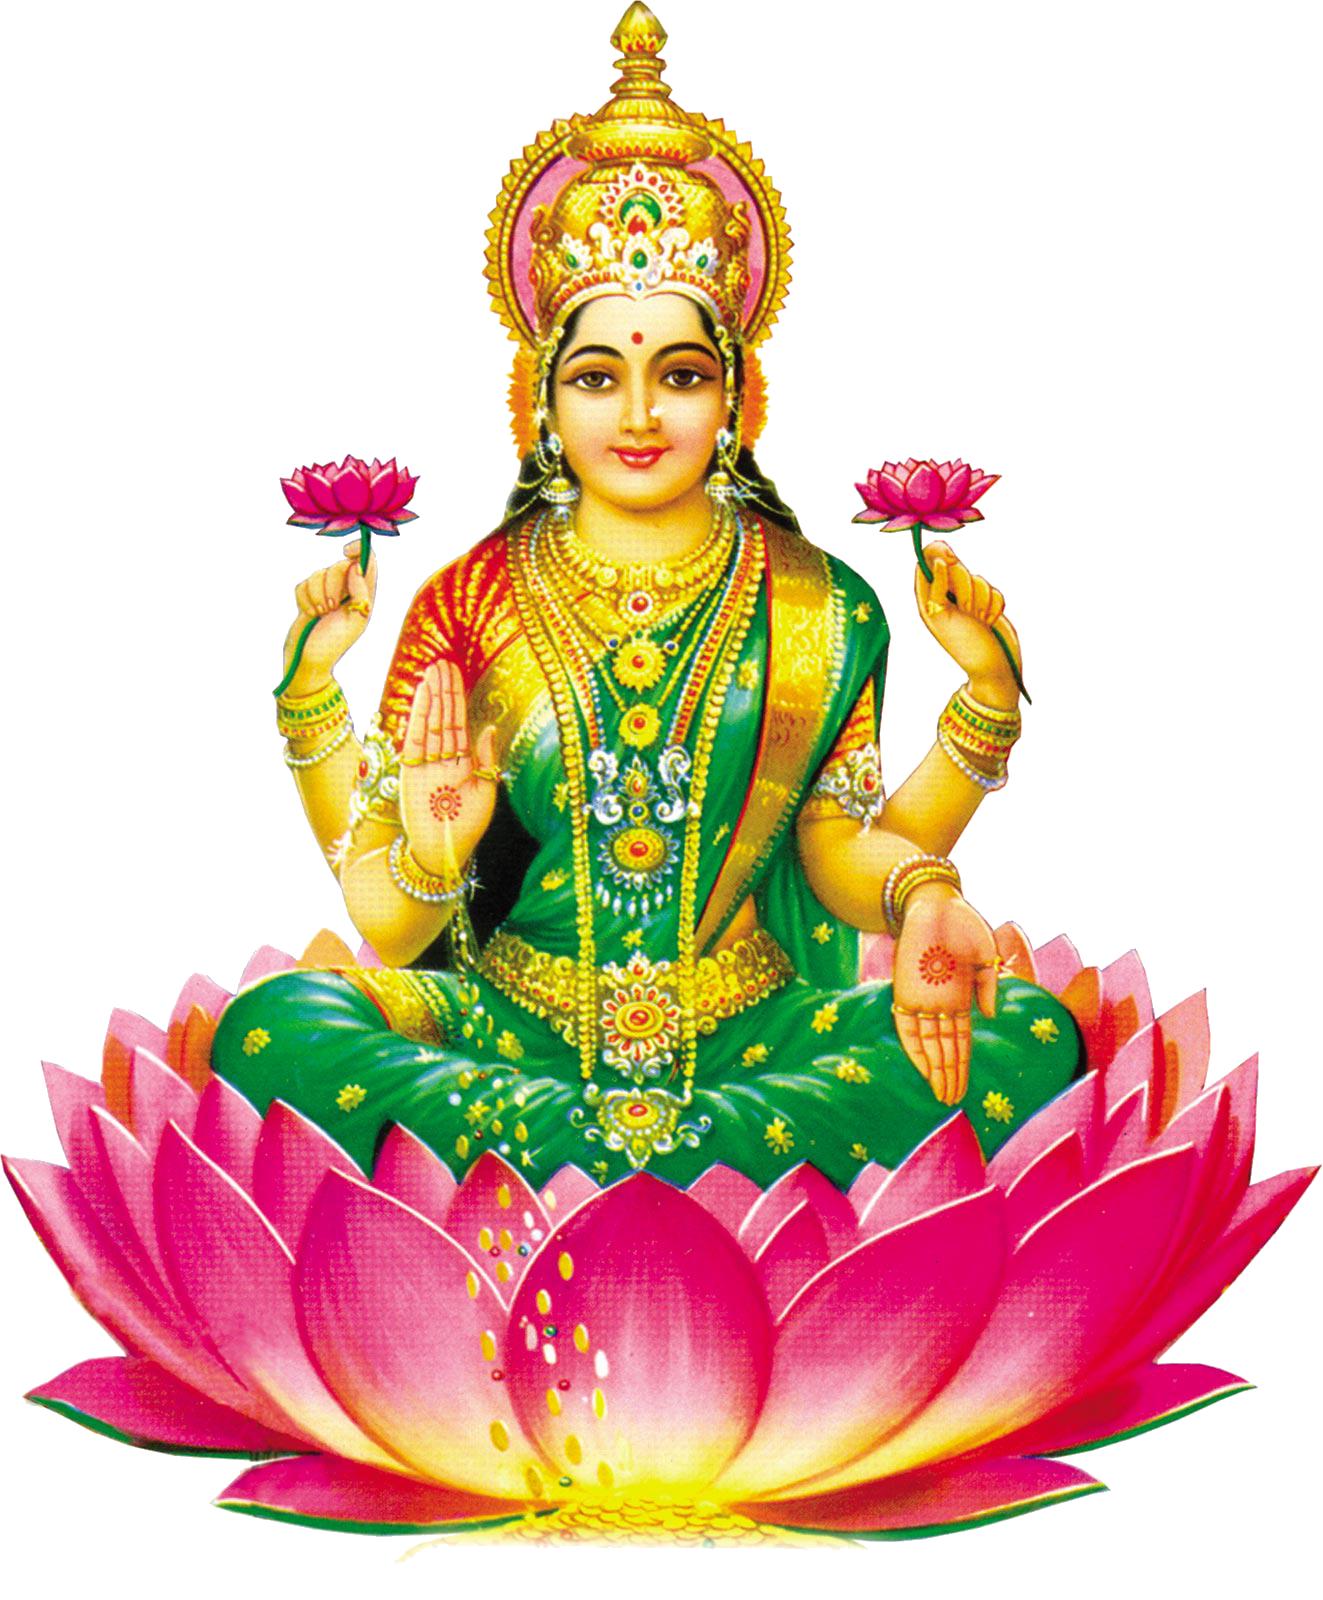 Lakshmi Picture PNG Image